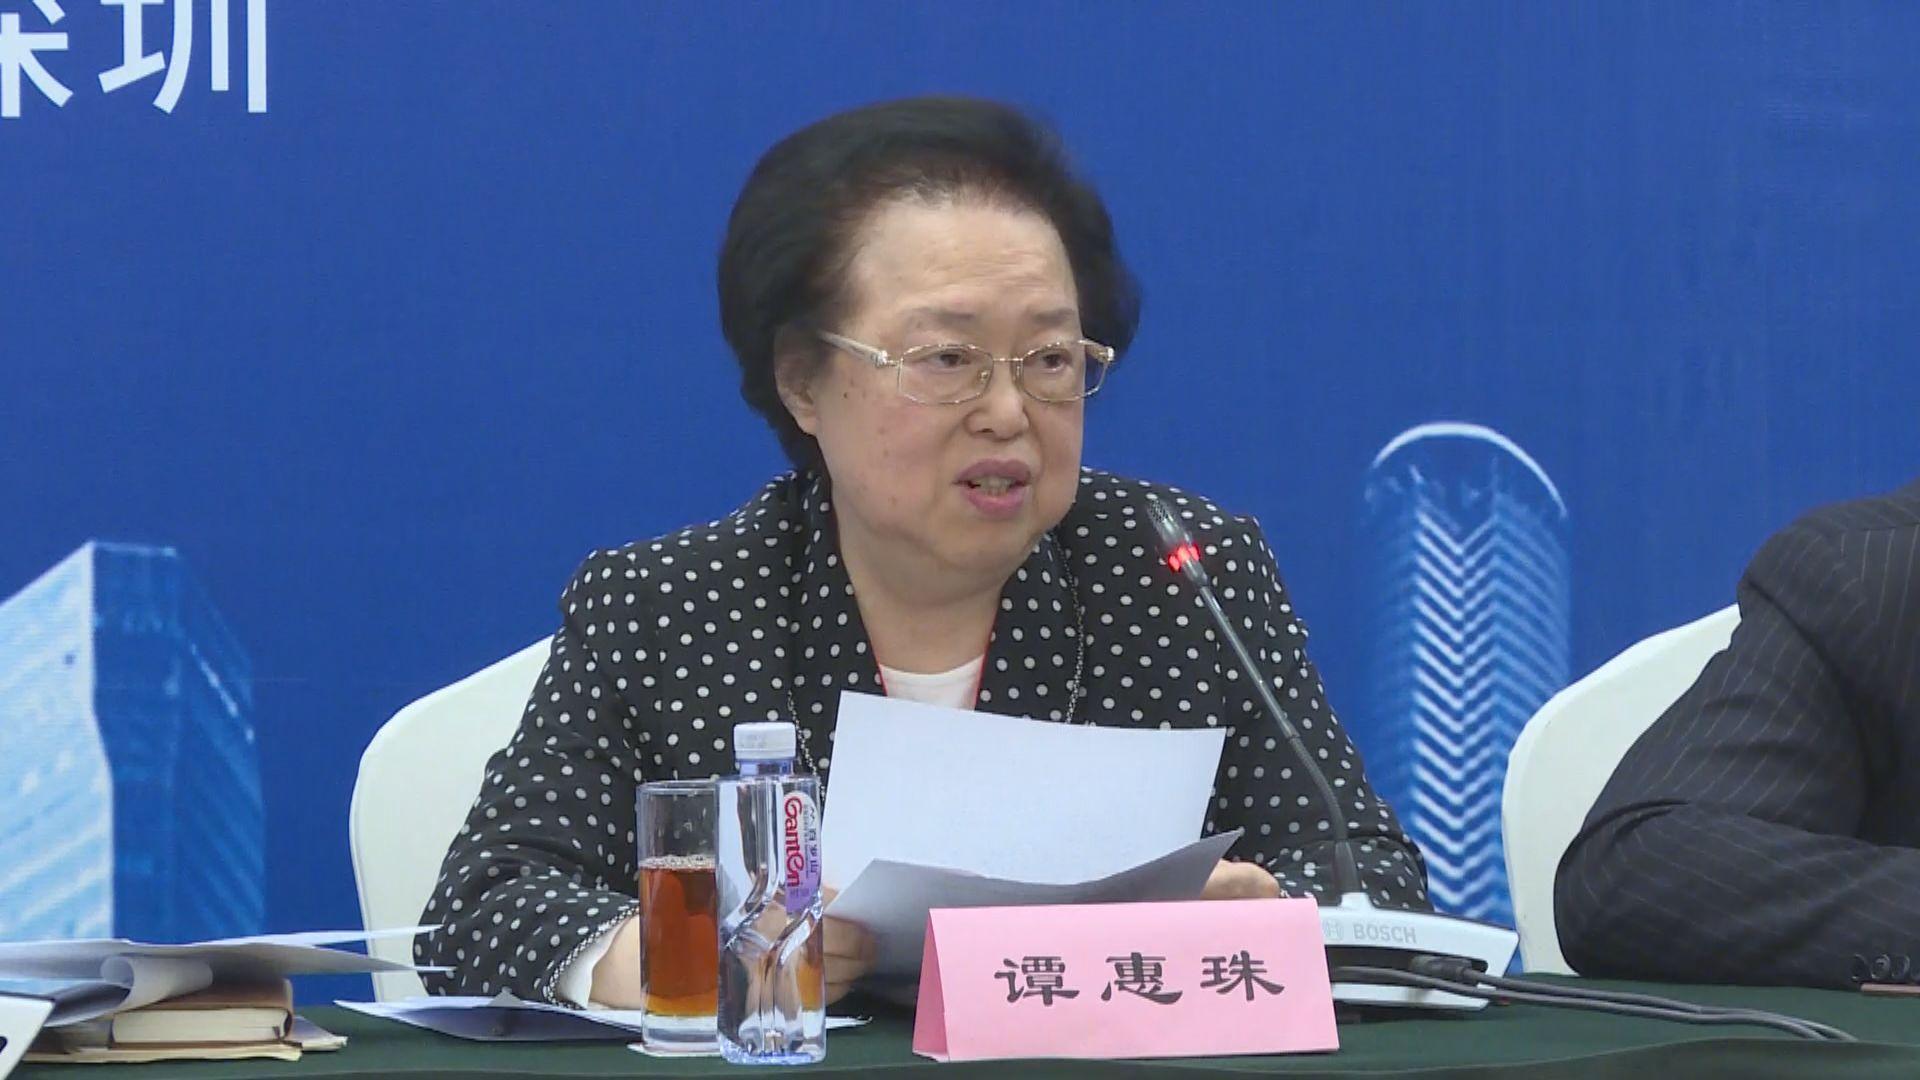 譚惠珠:若港未能解決動亂中央有權撥亂反正